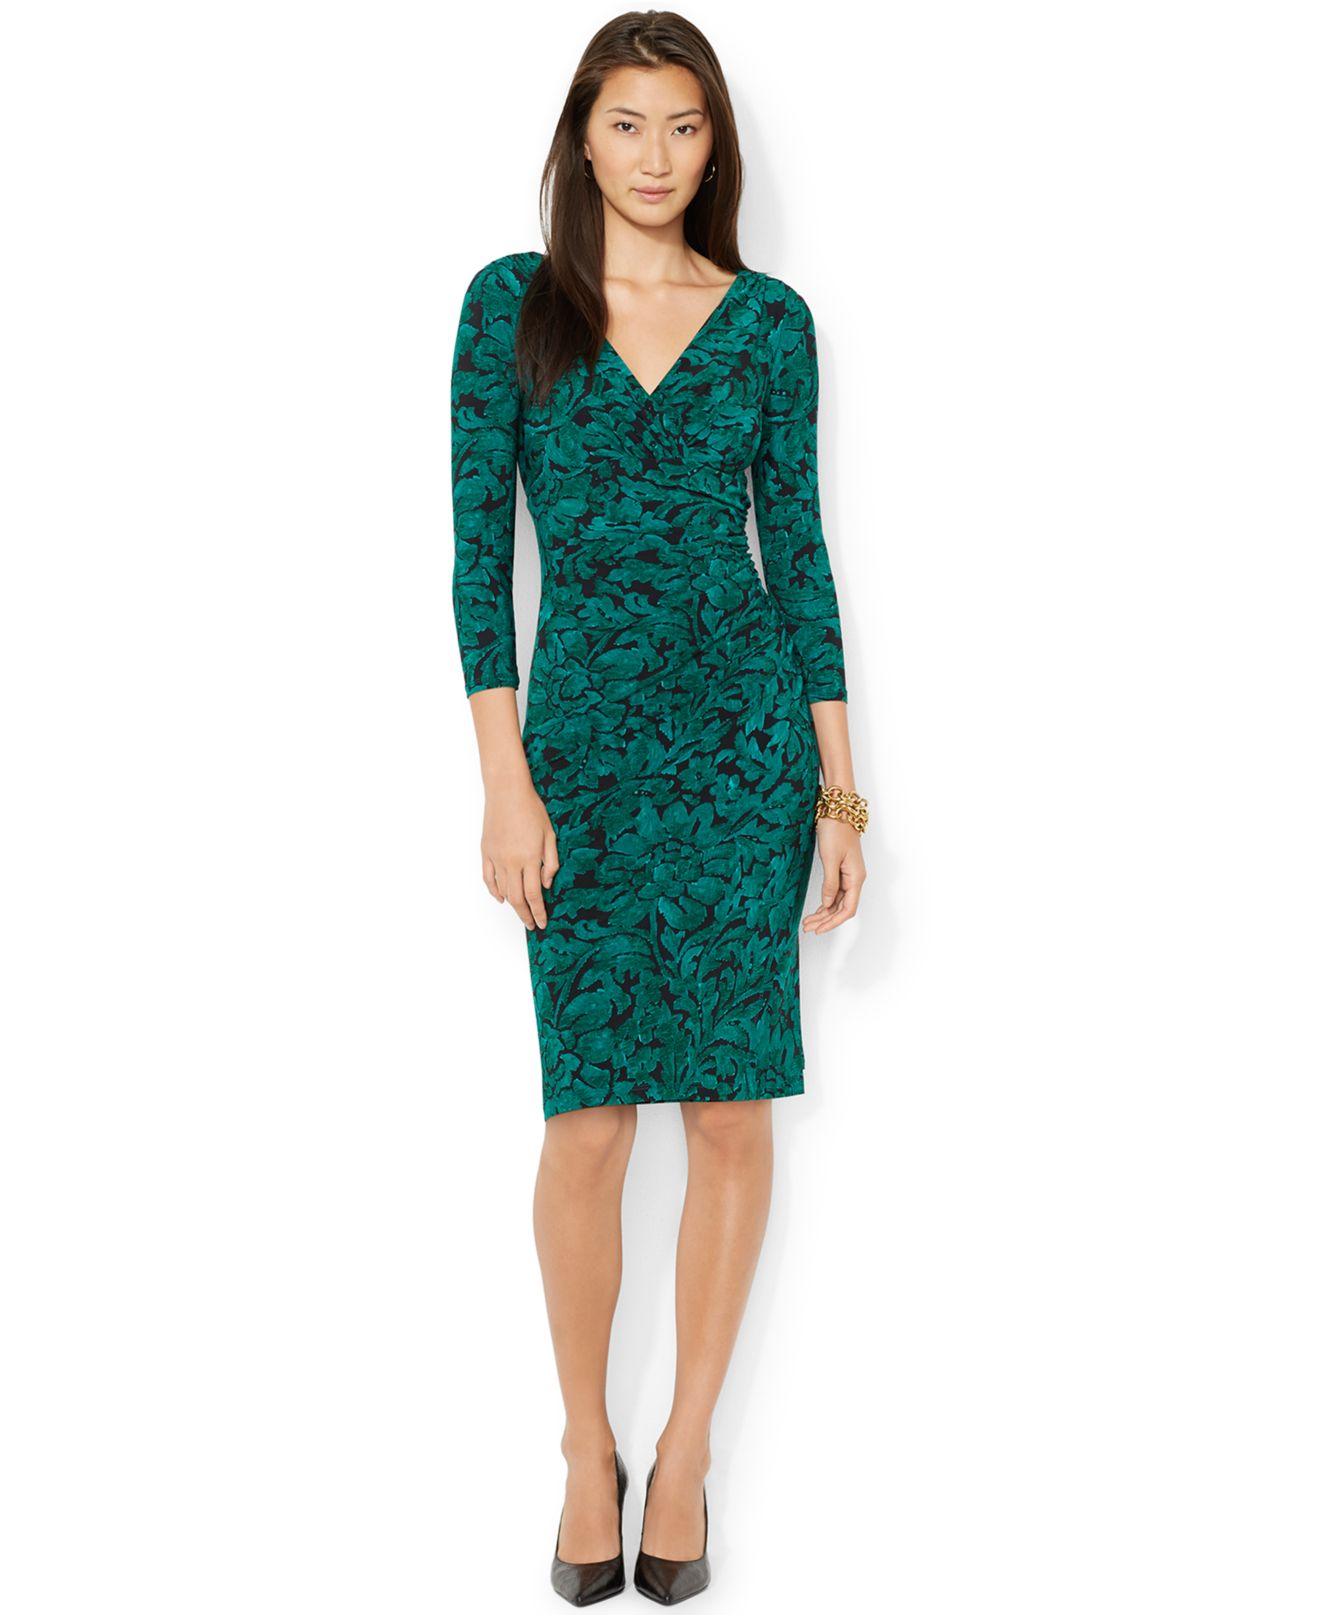 Lyst Lauren By Ralph Lauren Floral Print Faux Wrap Dress